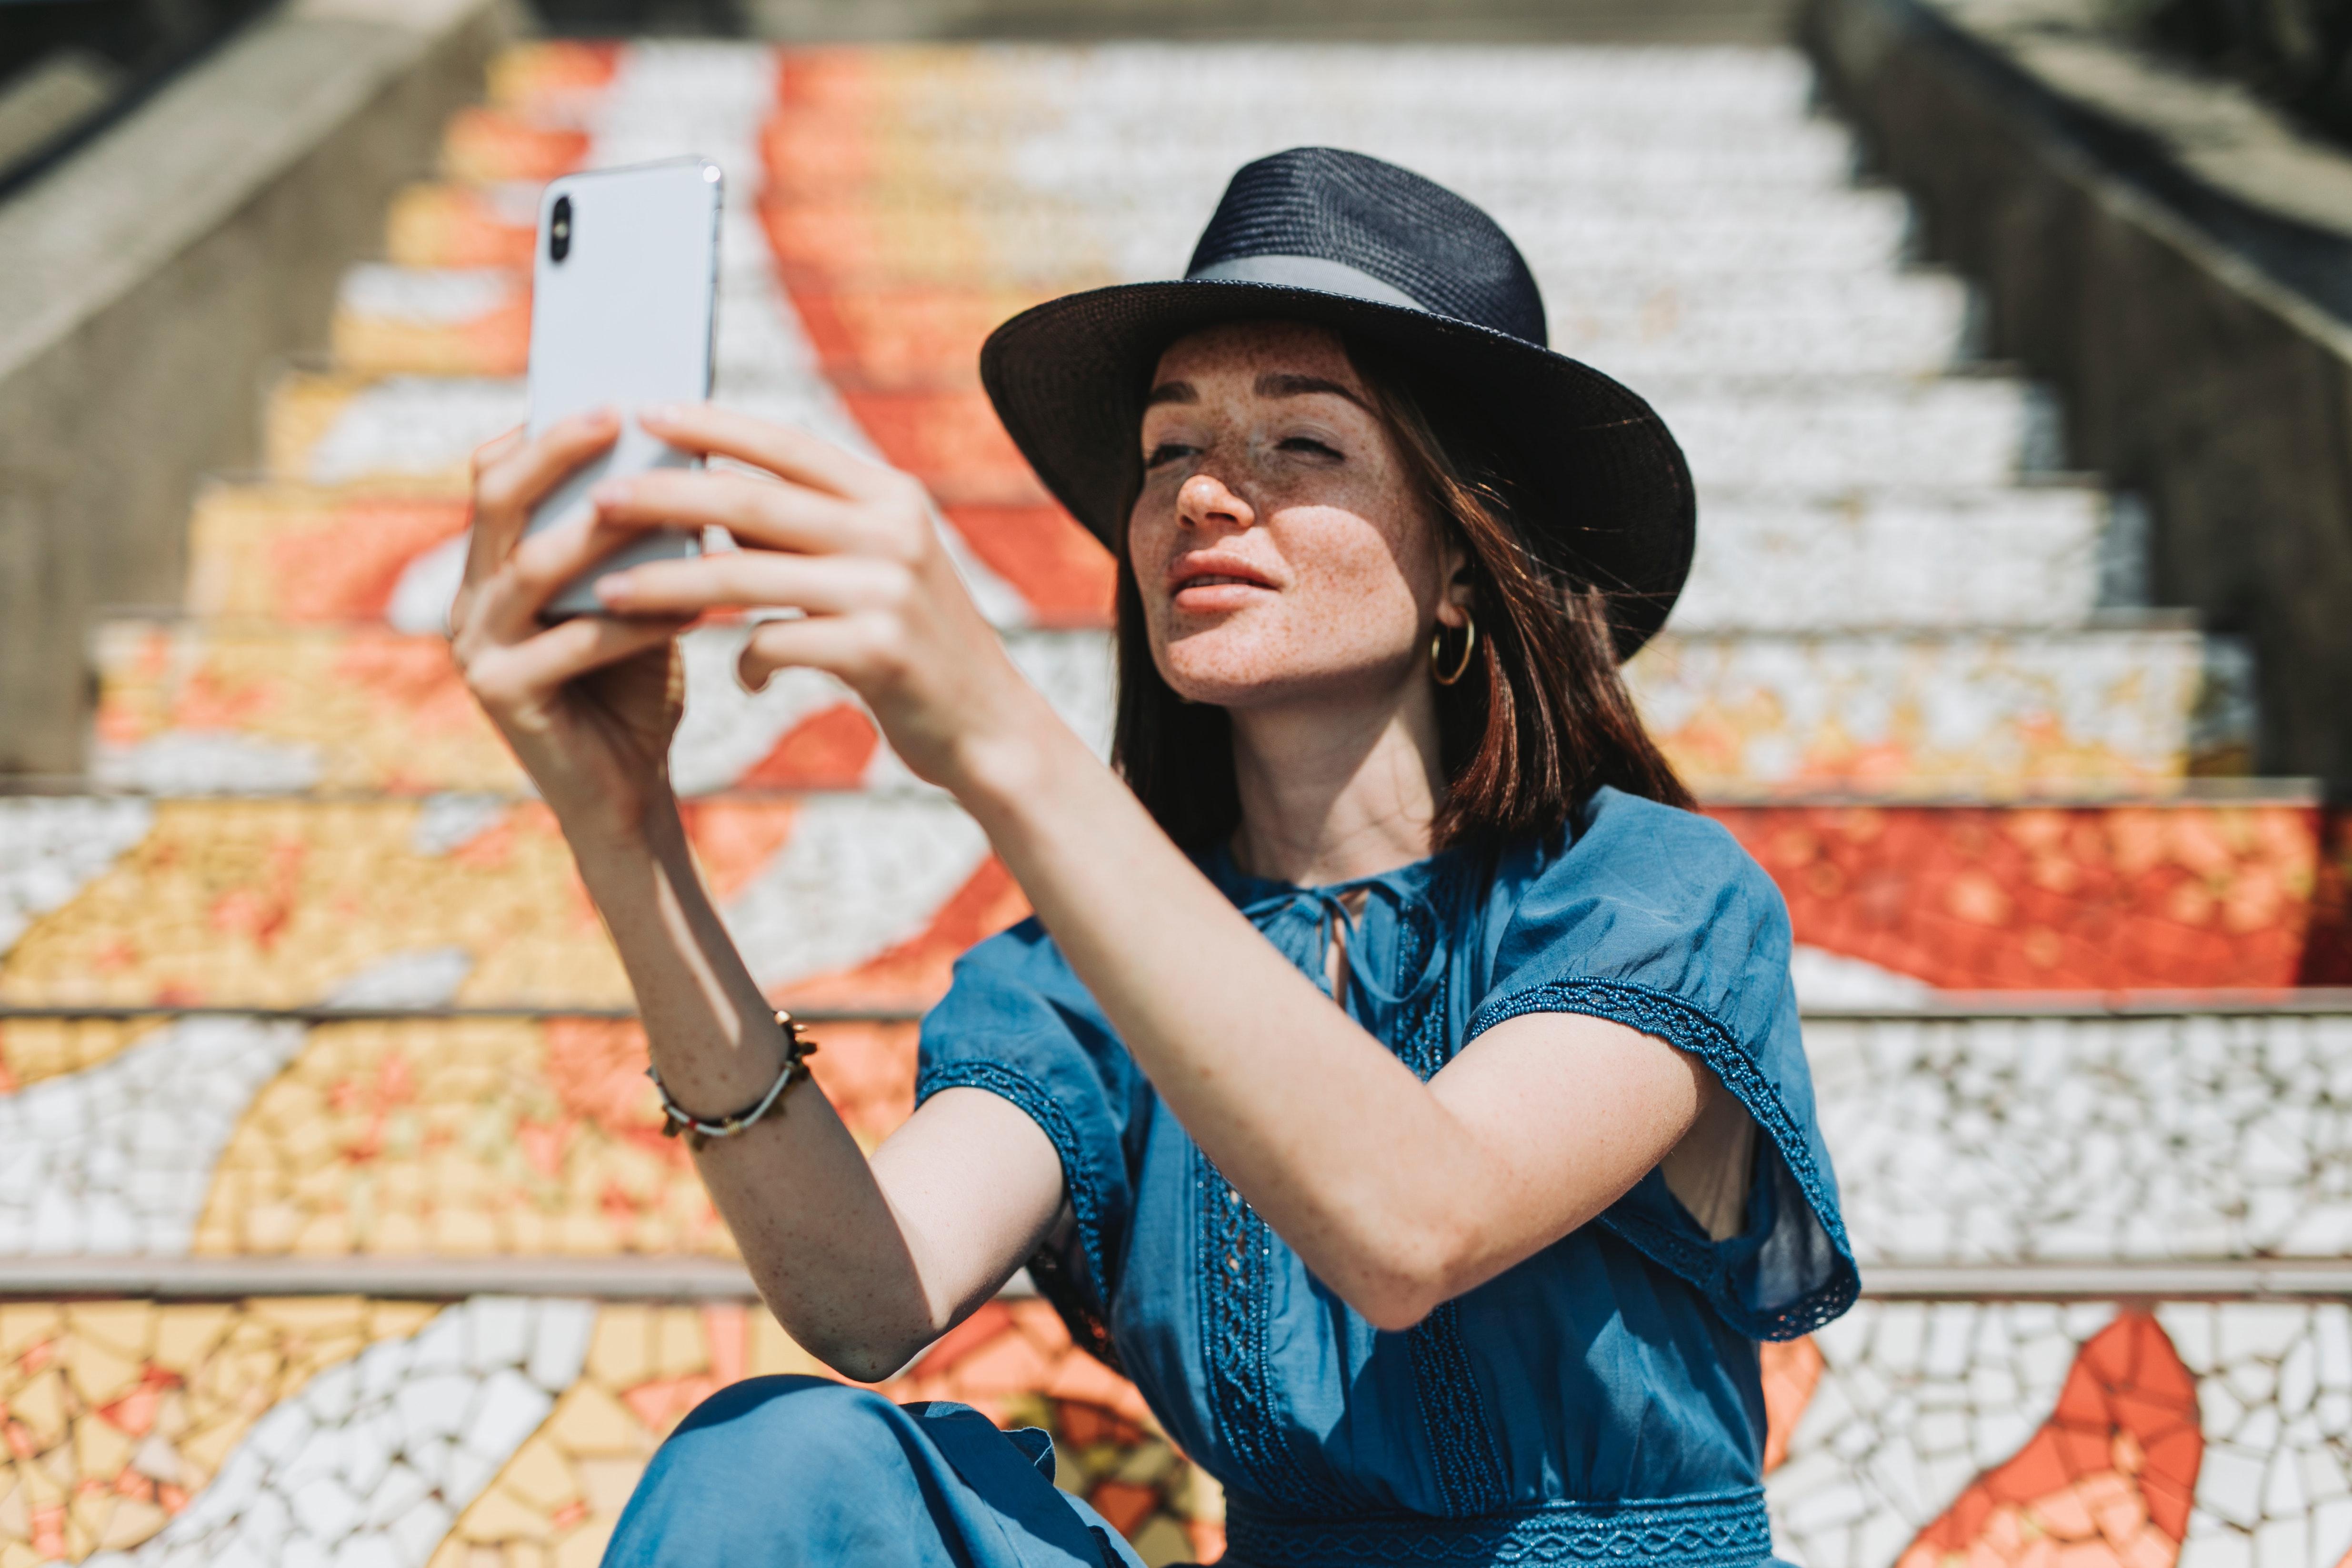 En tjej som sitter i en trappa och tar en selfie